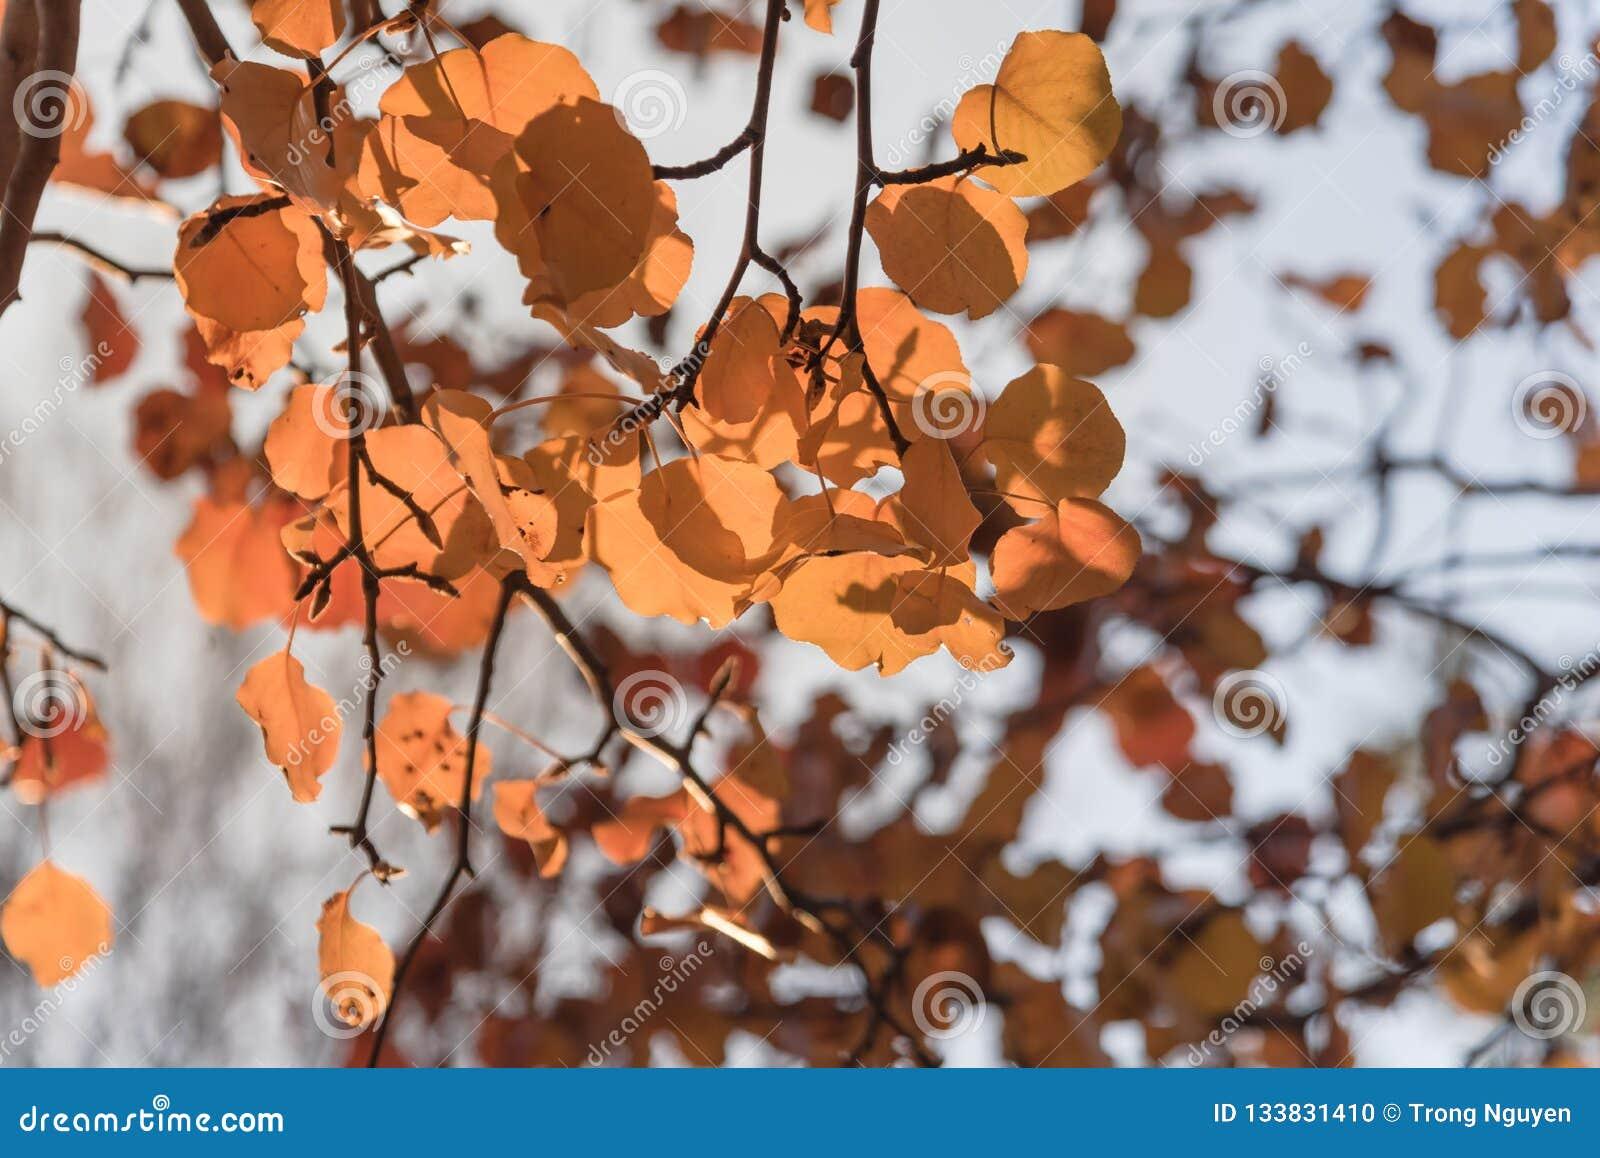 Bunter Herbstlaub goldene Bradford-Birnenblätter mit hintergrundbeleuchtetem b